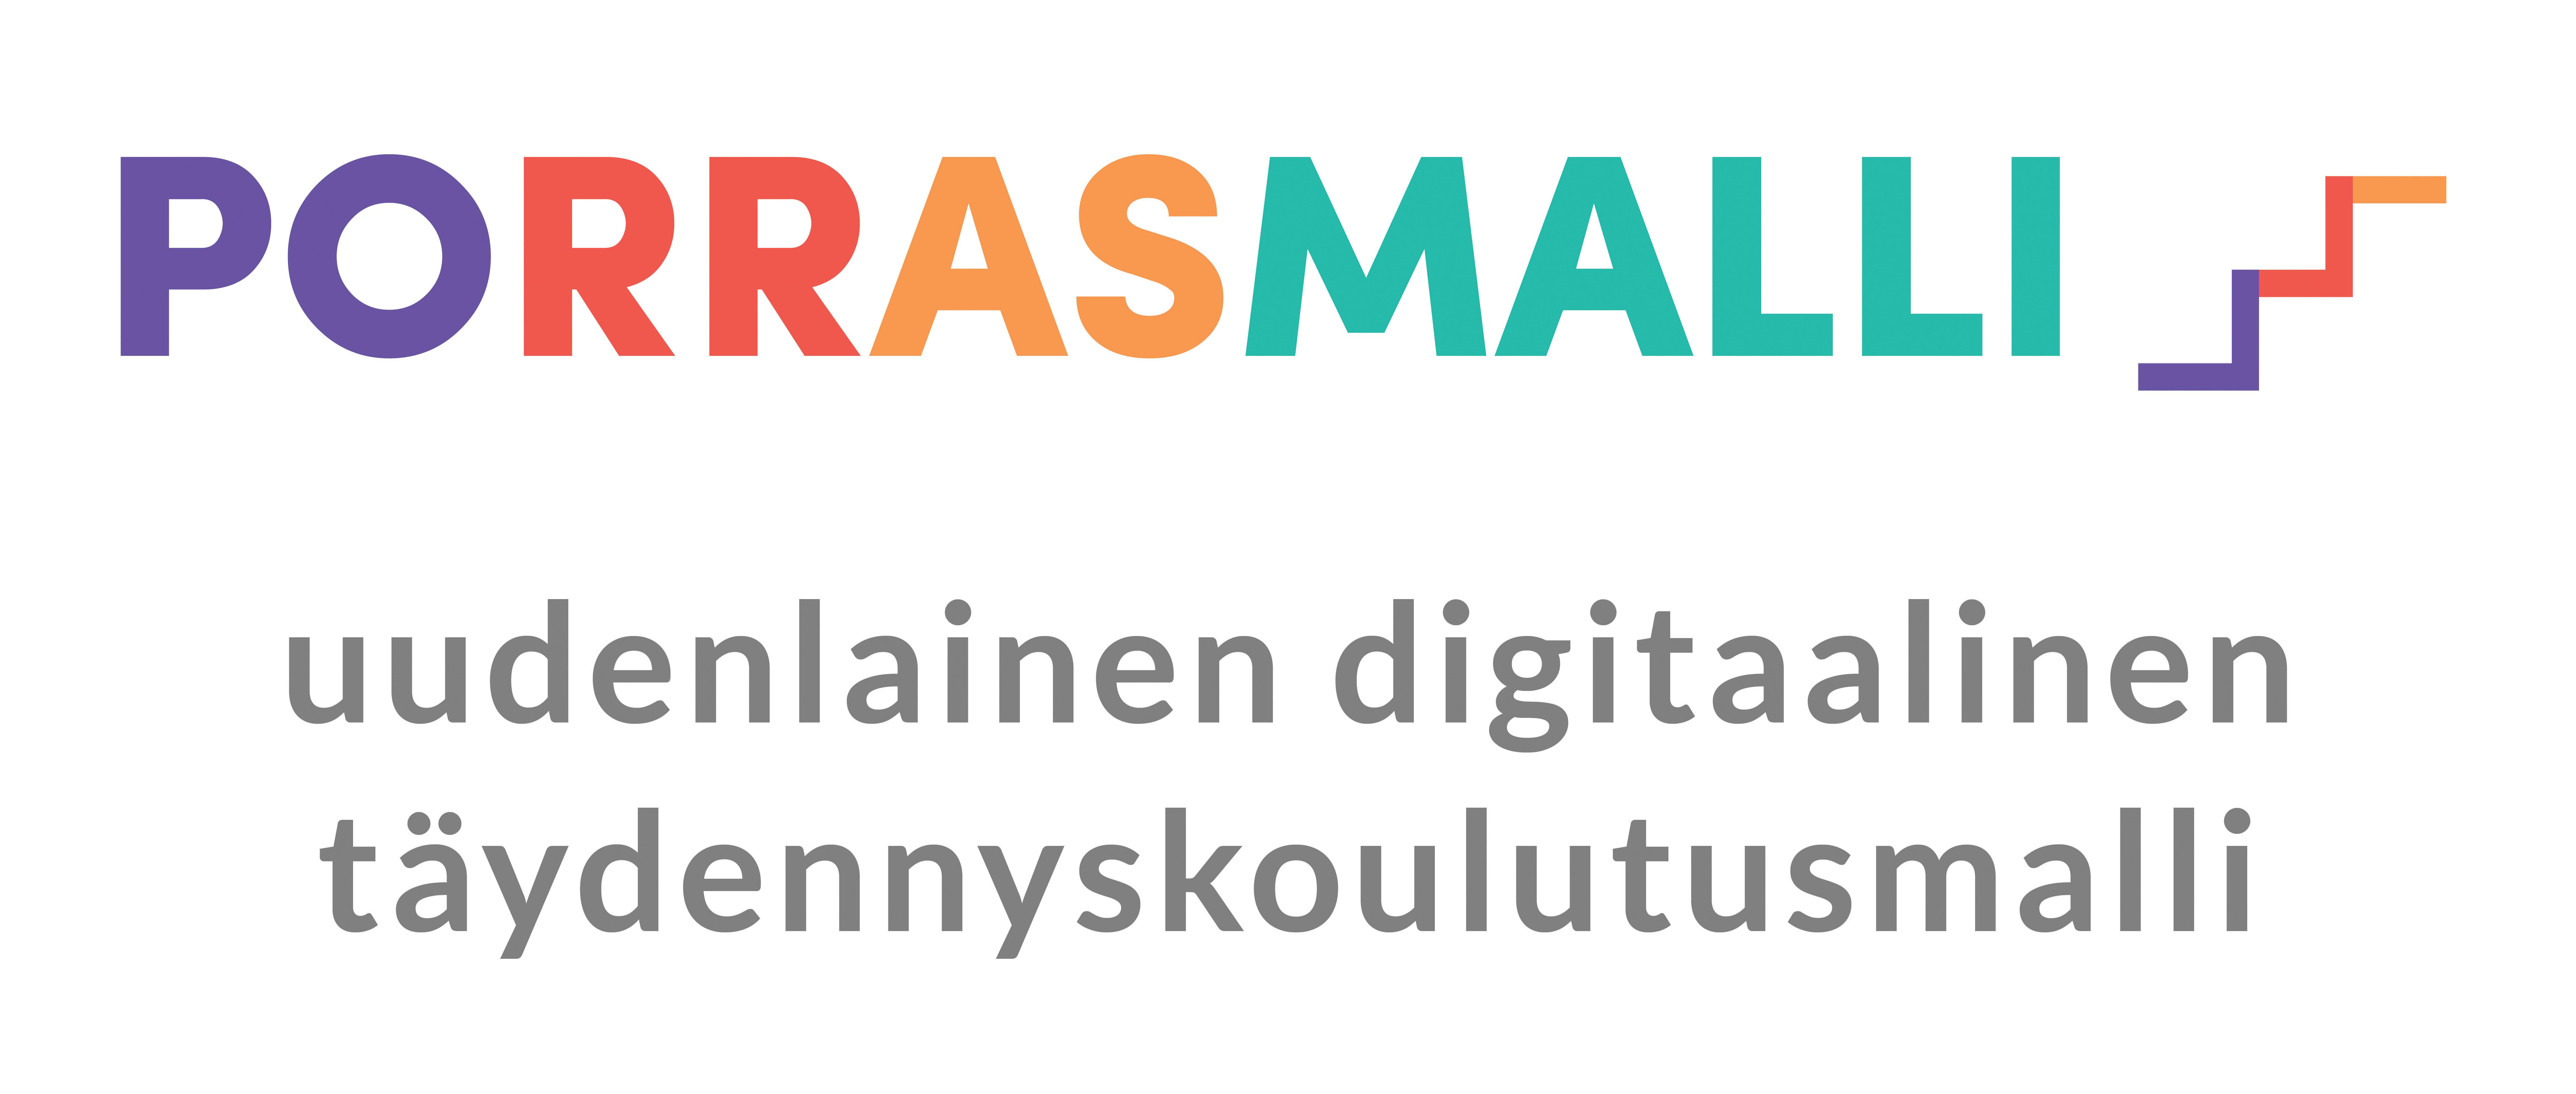 """Porrasmallin logo ja teksti """"uudenlainen digitaalinen täydennyskoultusmalli""""."""